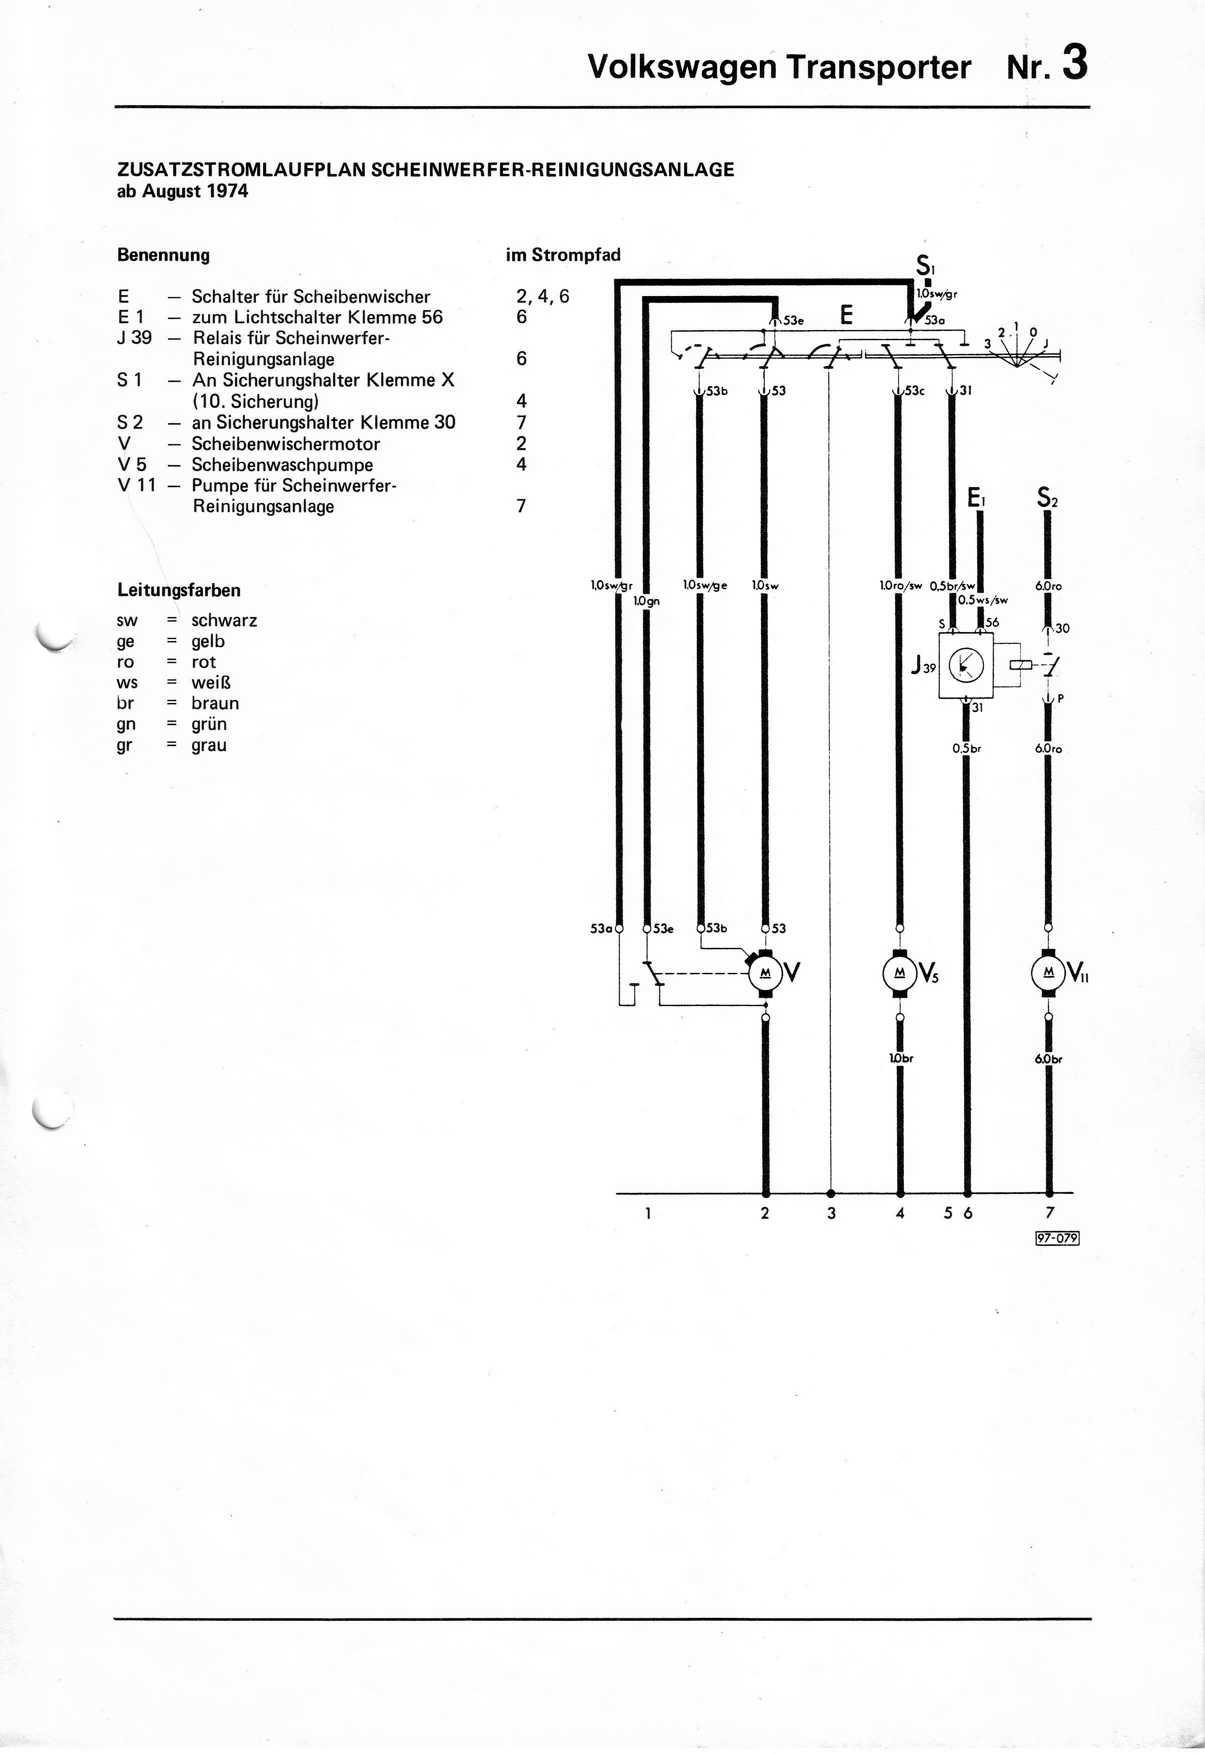 ... Zusatzstromlaufplan Scheinwerfer-Reinigungsanlage ab August 1974 ...